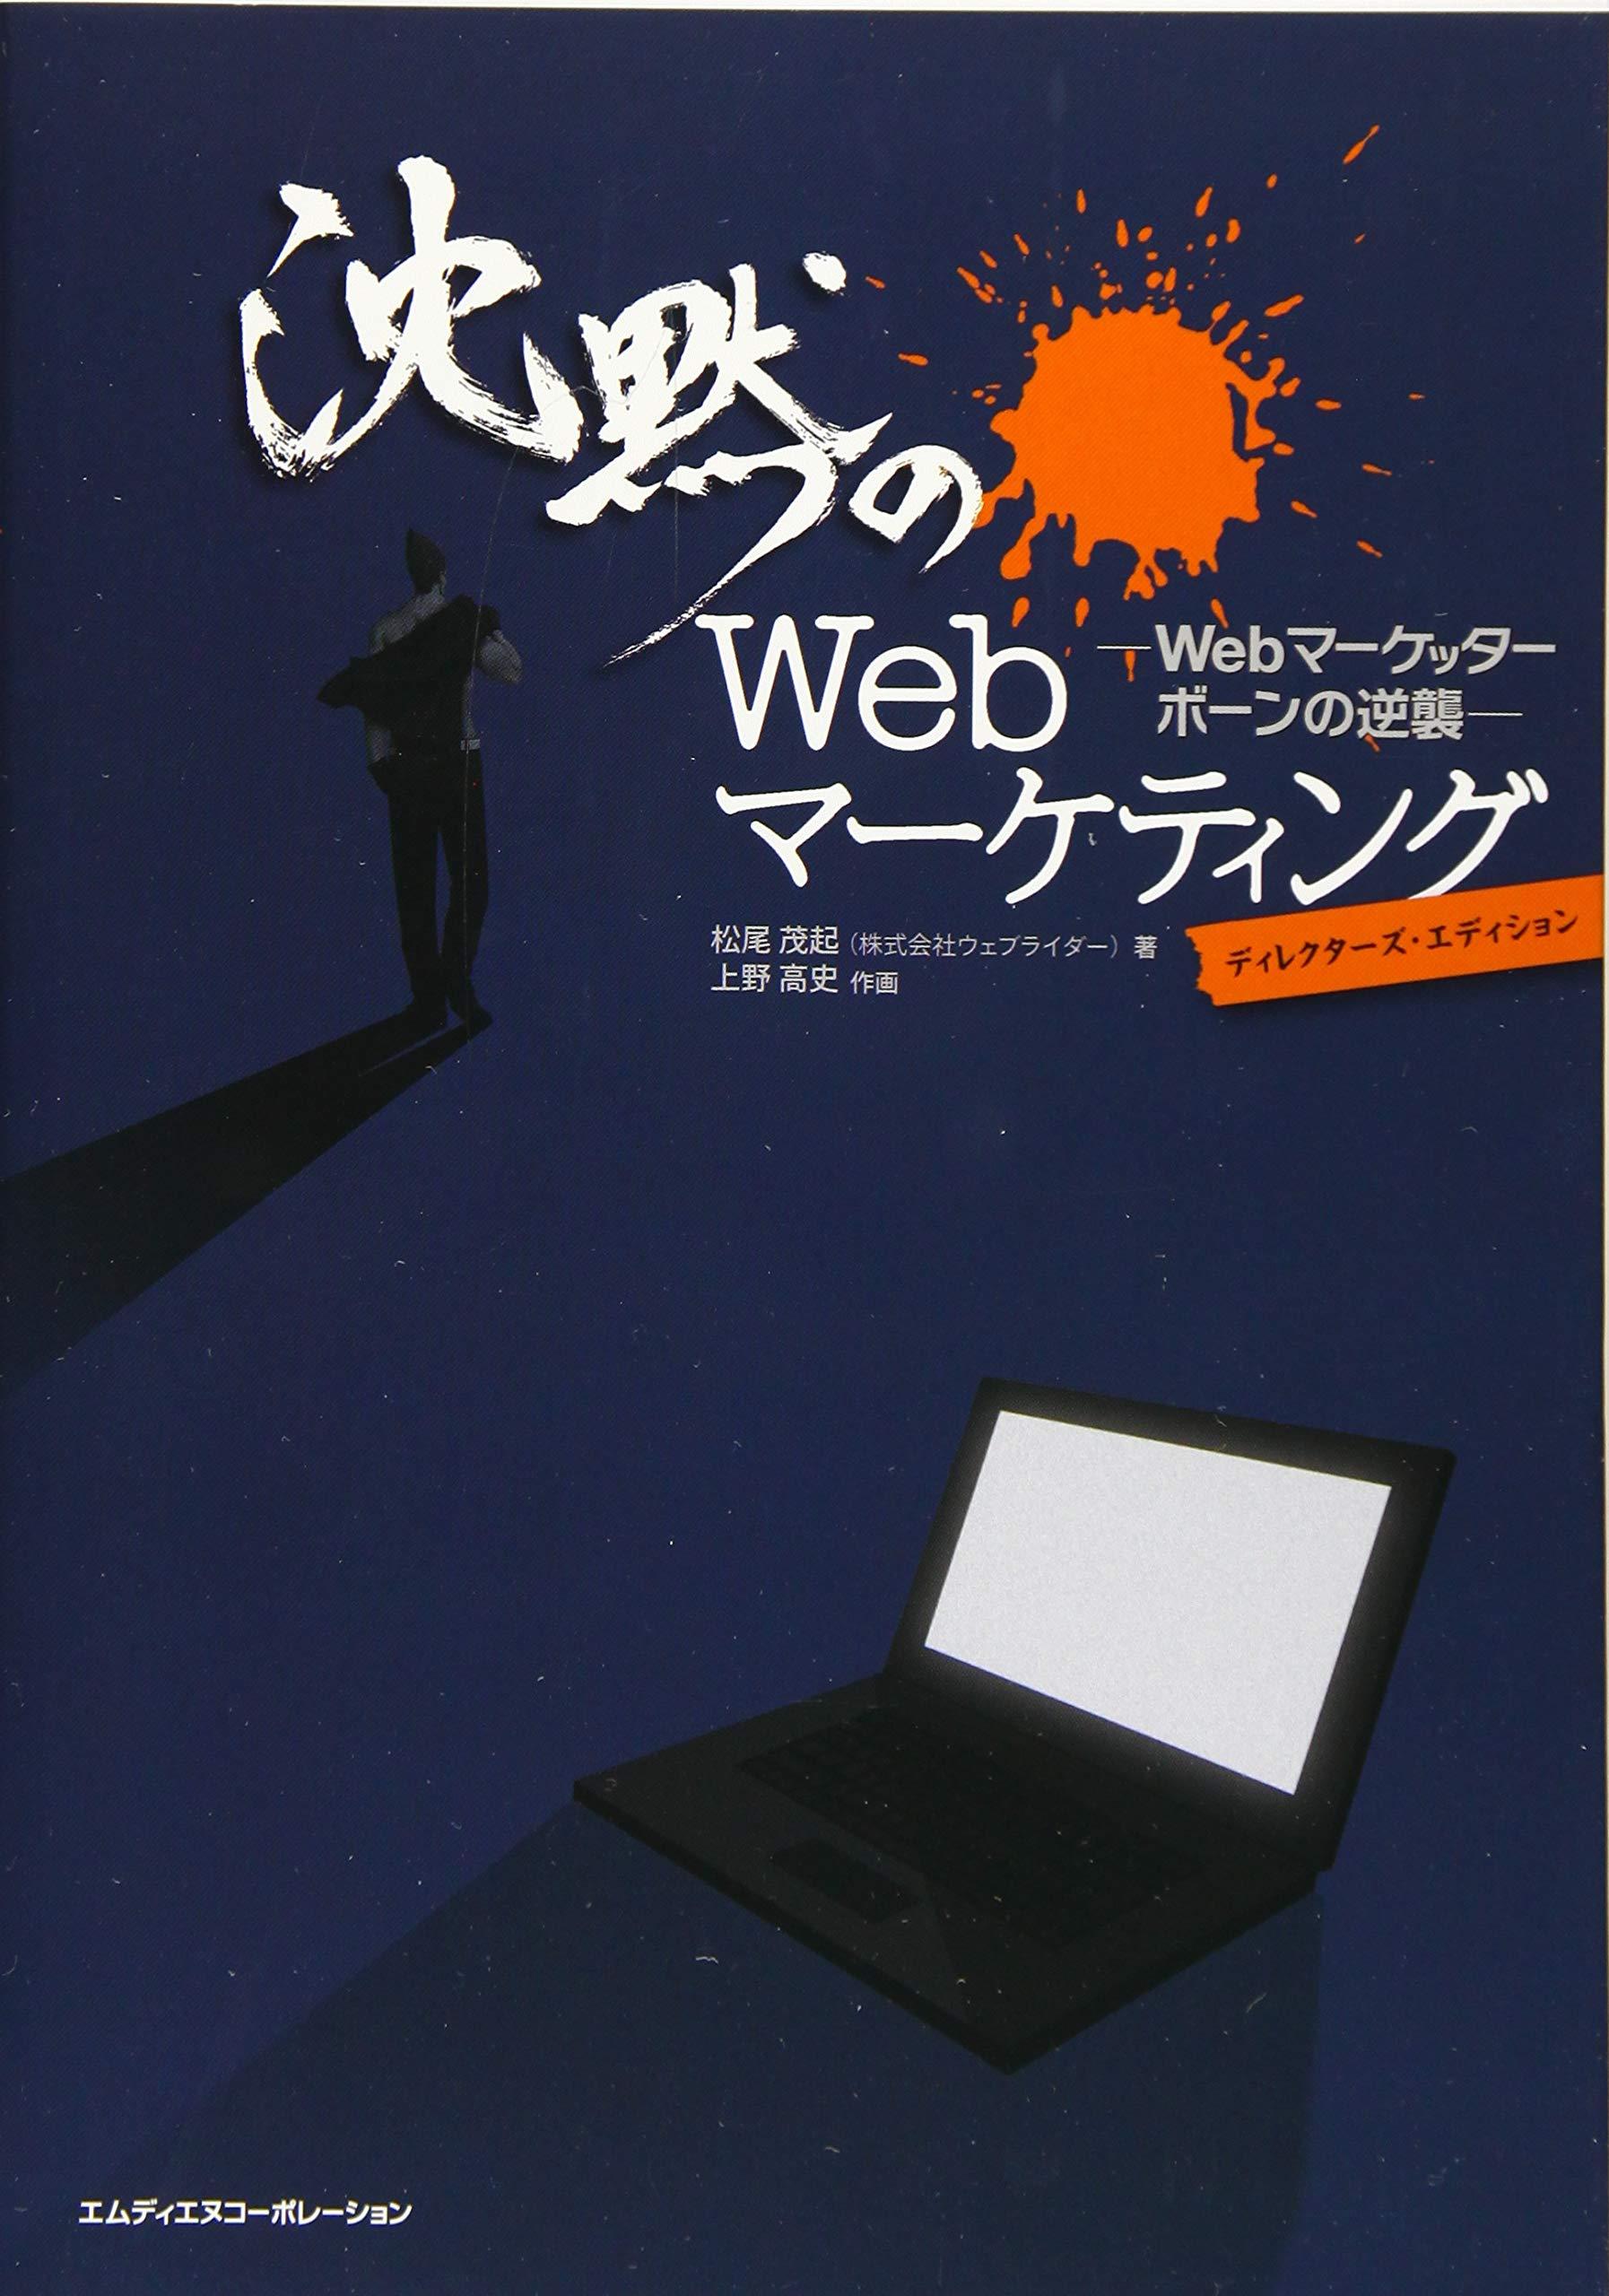 沈黙のWebマーケティング 著:松尾 茂起